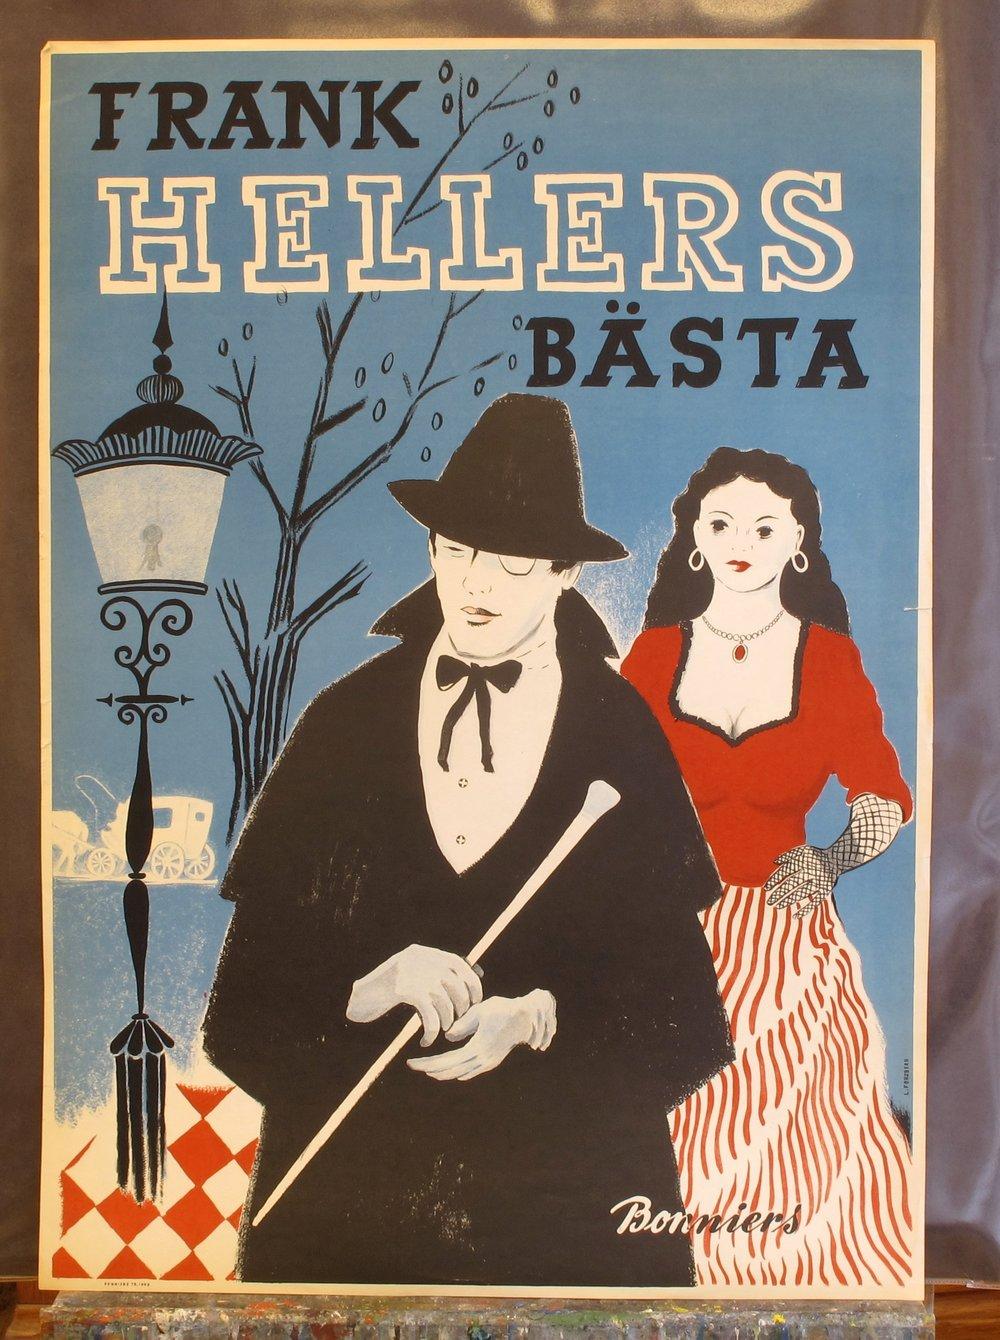 Frank Heller, 400:-